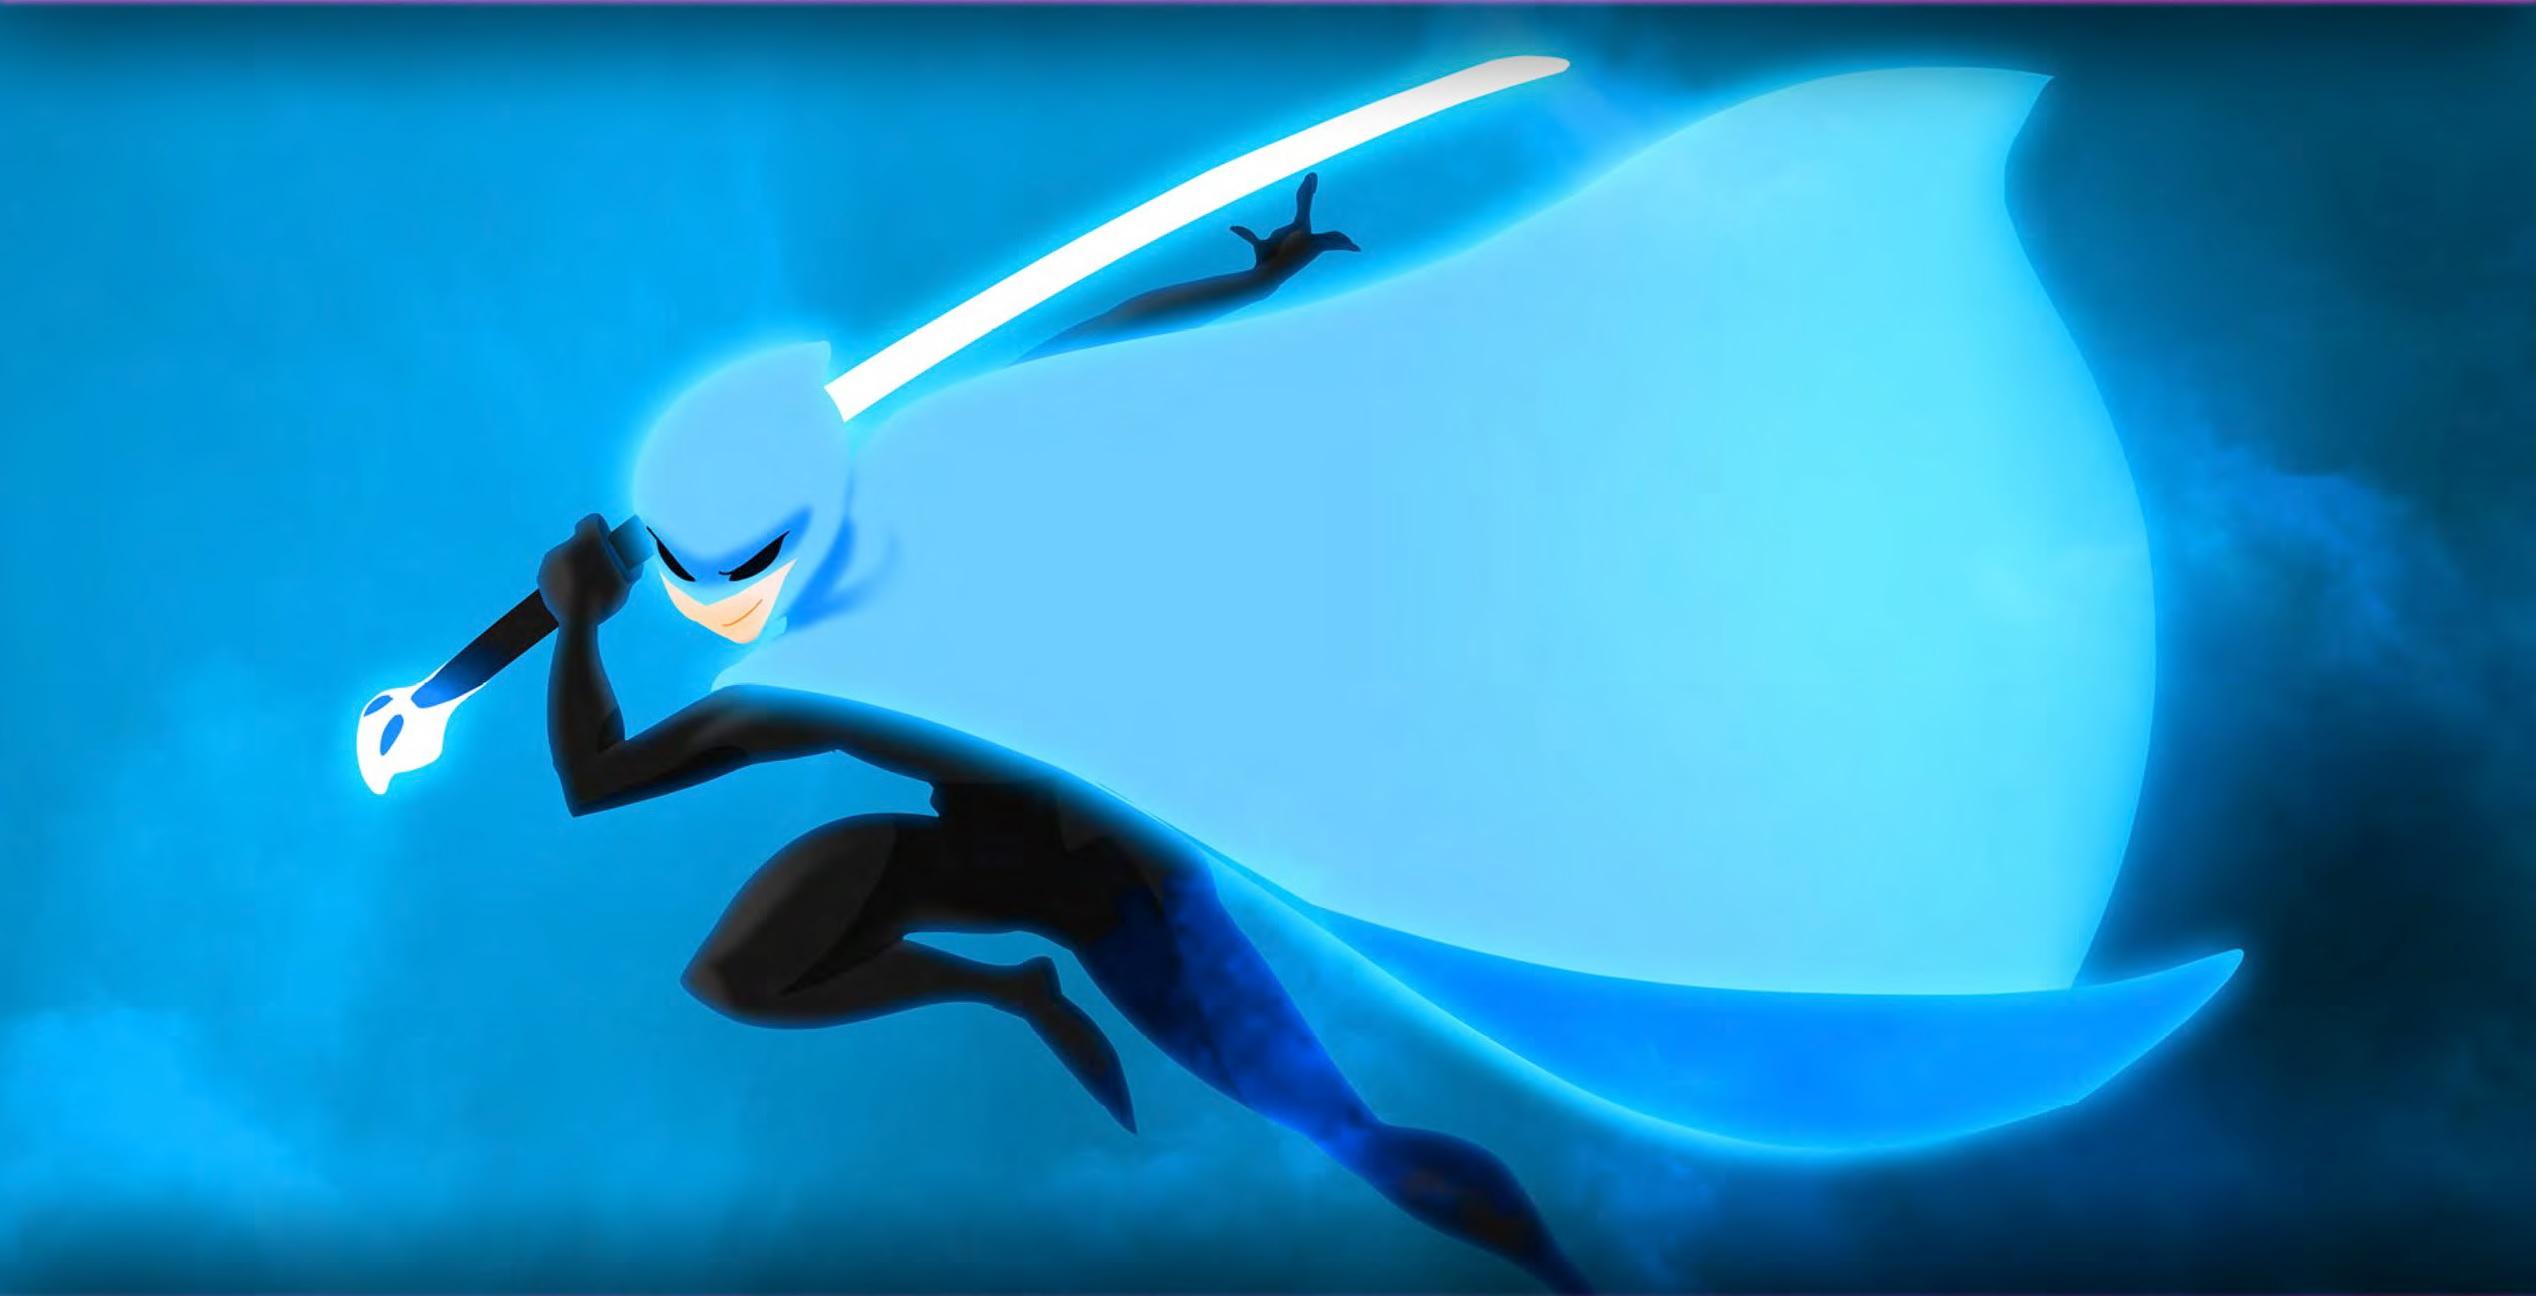 Файл:Blue Ghost.jpg